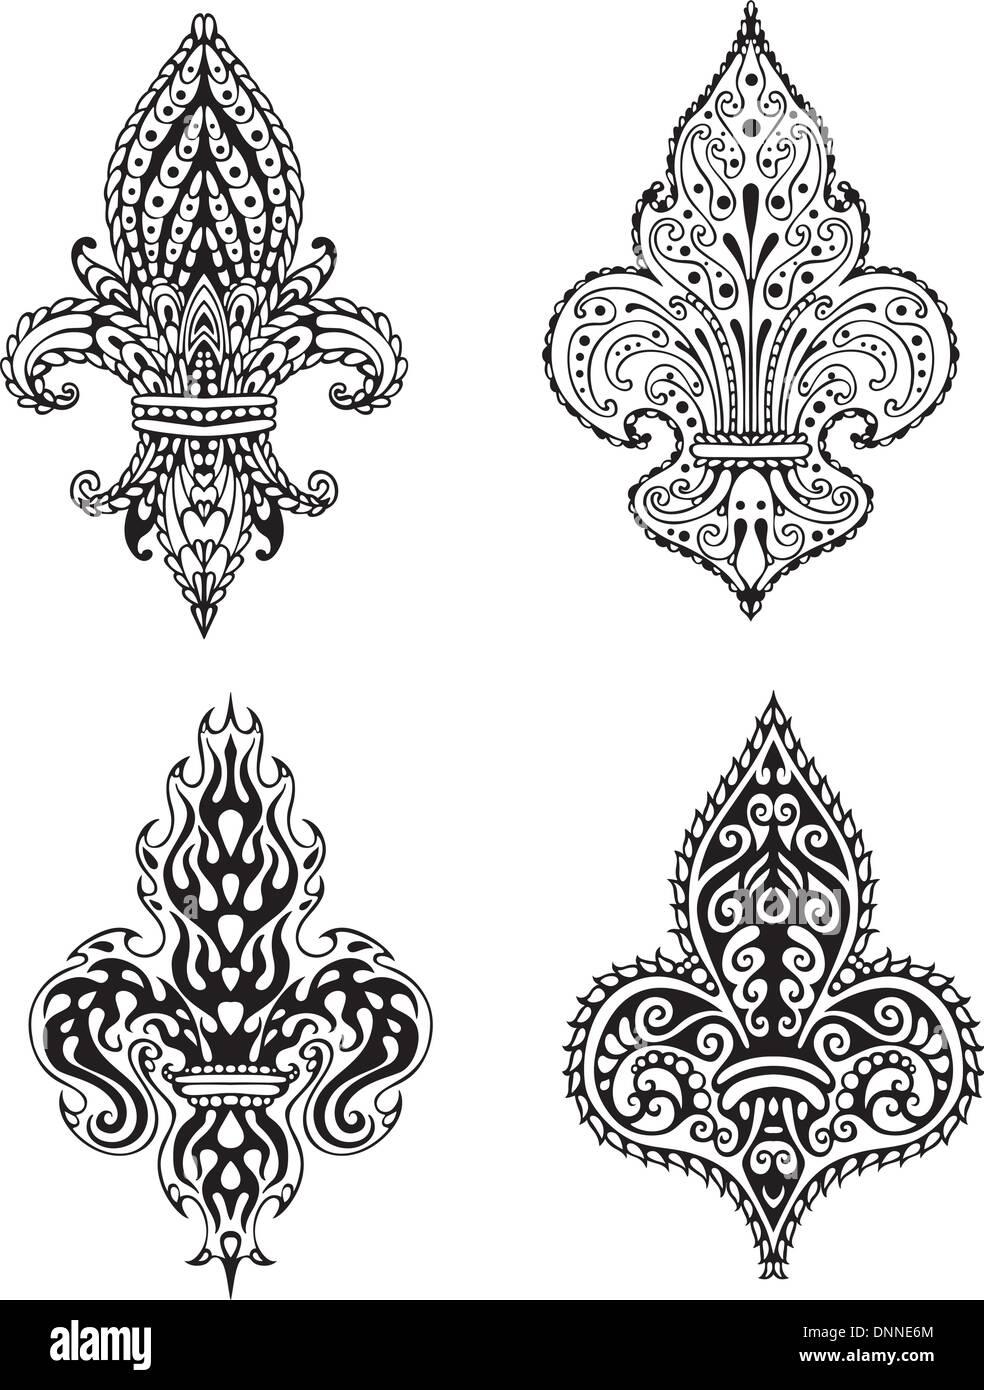 Fleur (französische Lilien der Bourbonen). Satz von schwarzen und weißen Vektor-Illustrationen. Stock Vektor